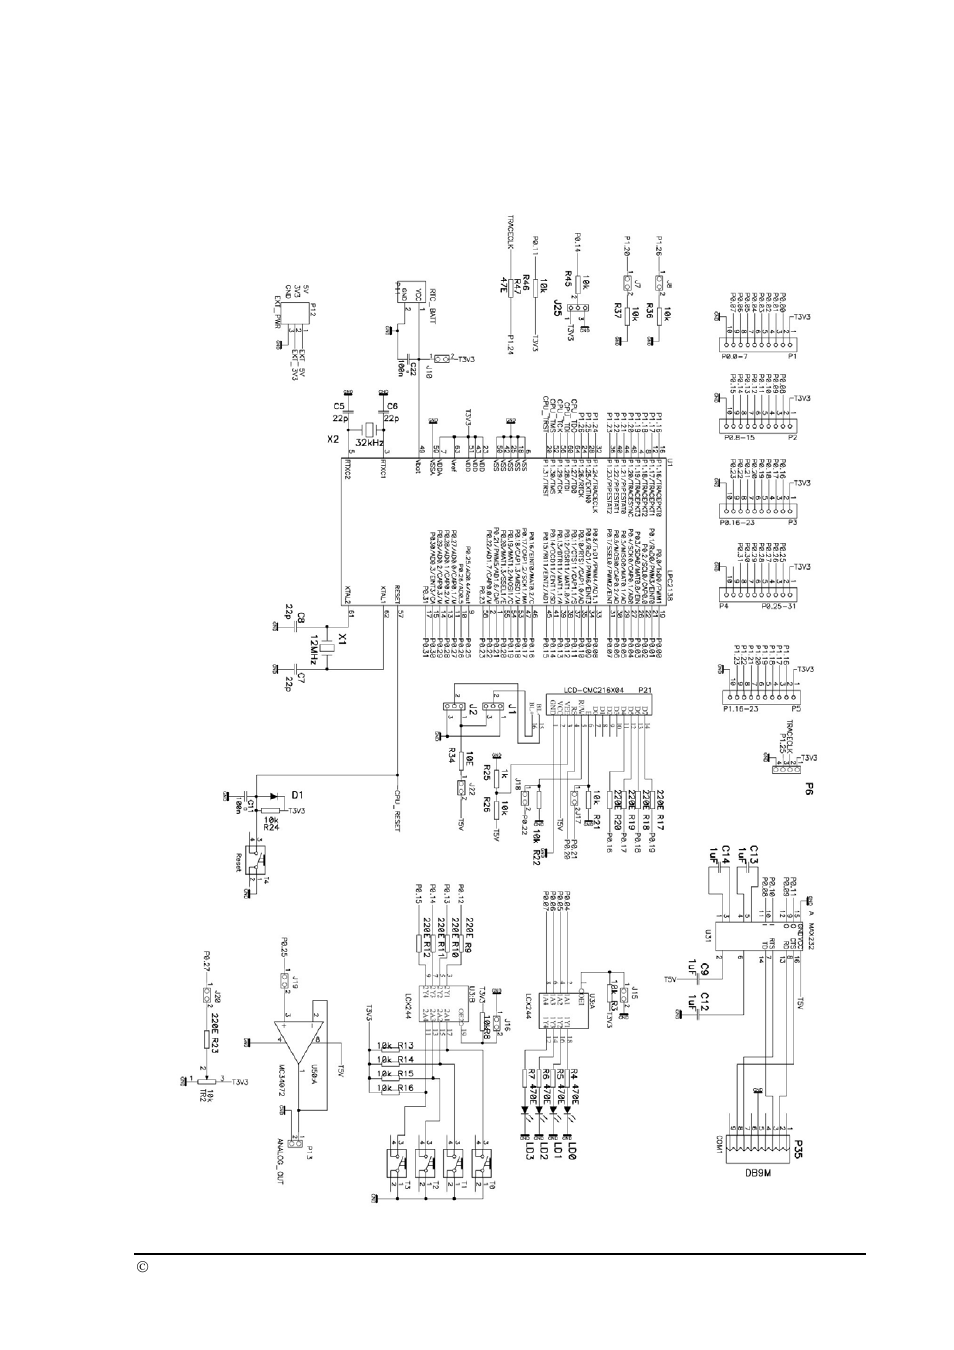 LPC2138 USER MANUAL PDF